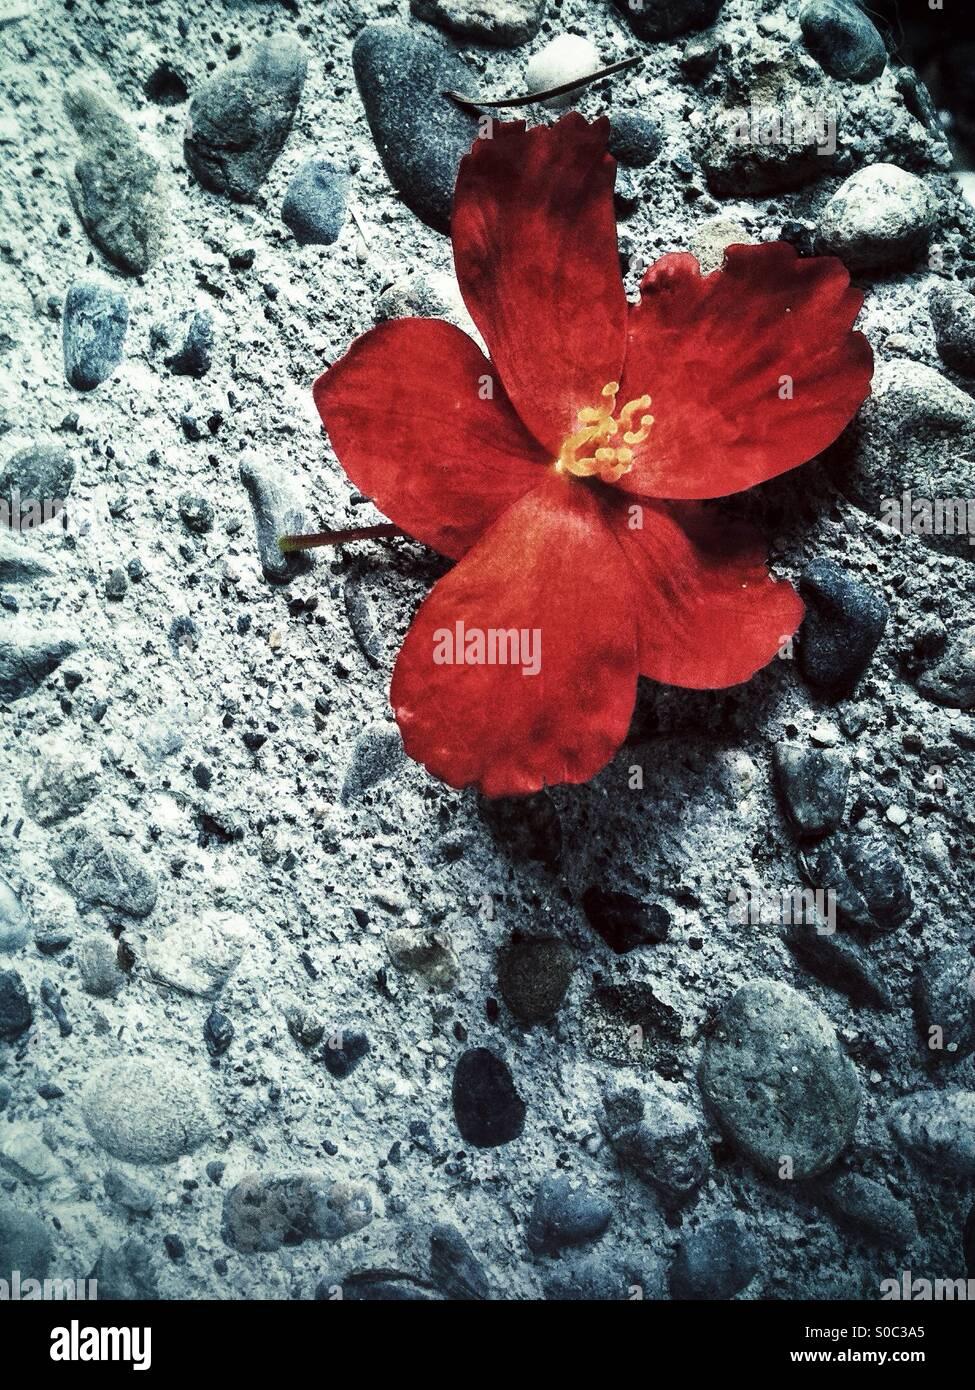 Flor roja sobre una superficie rocosa Imagen De Stock